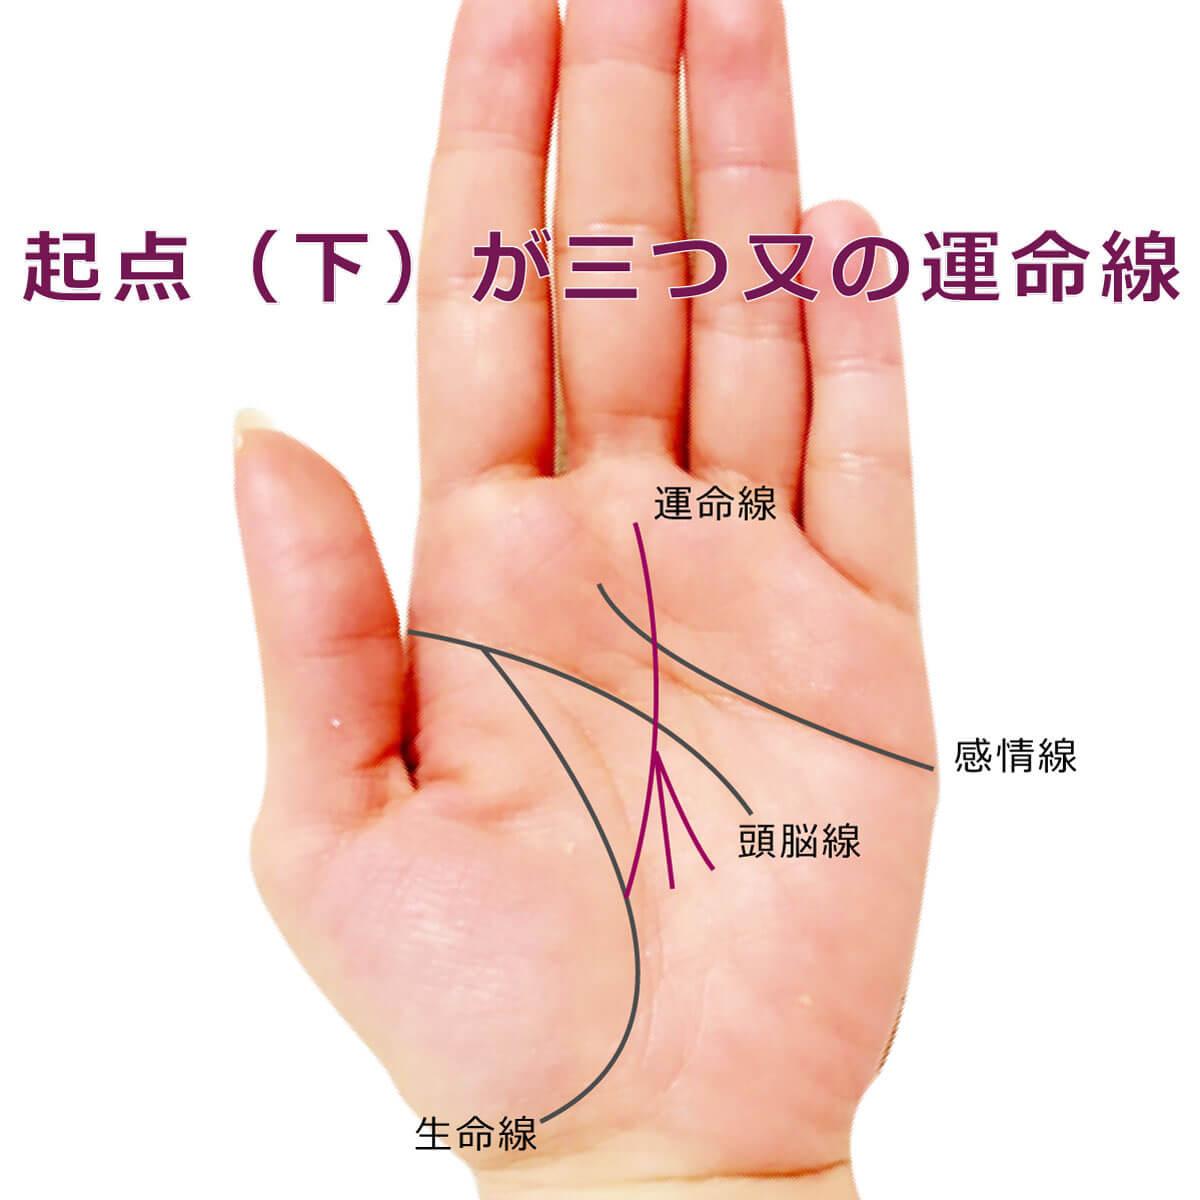 運命線の起点(下が)3つ股の手相